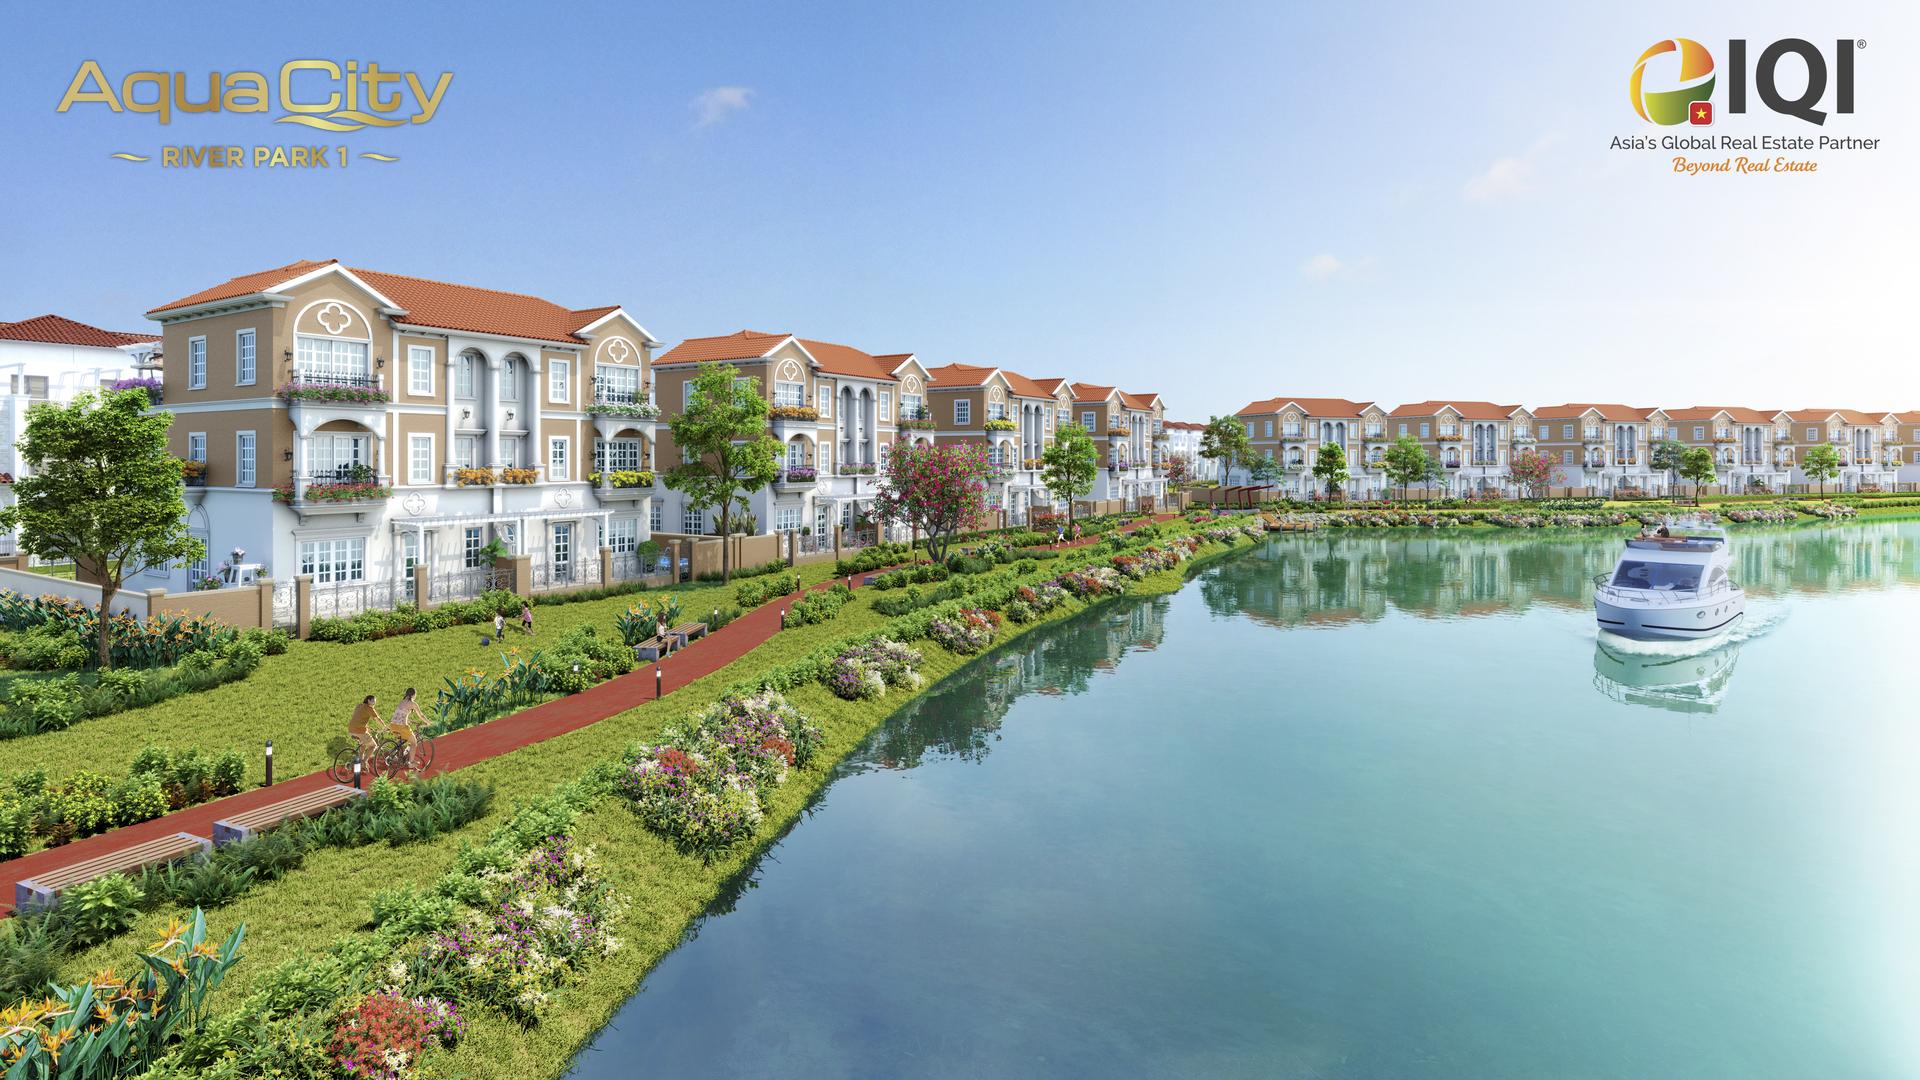 Aqua City- River Park 1